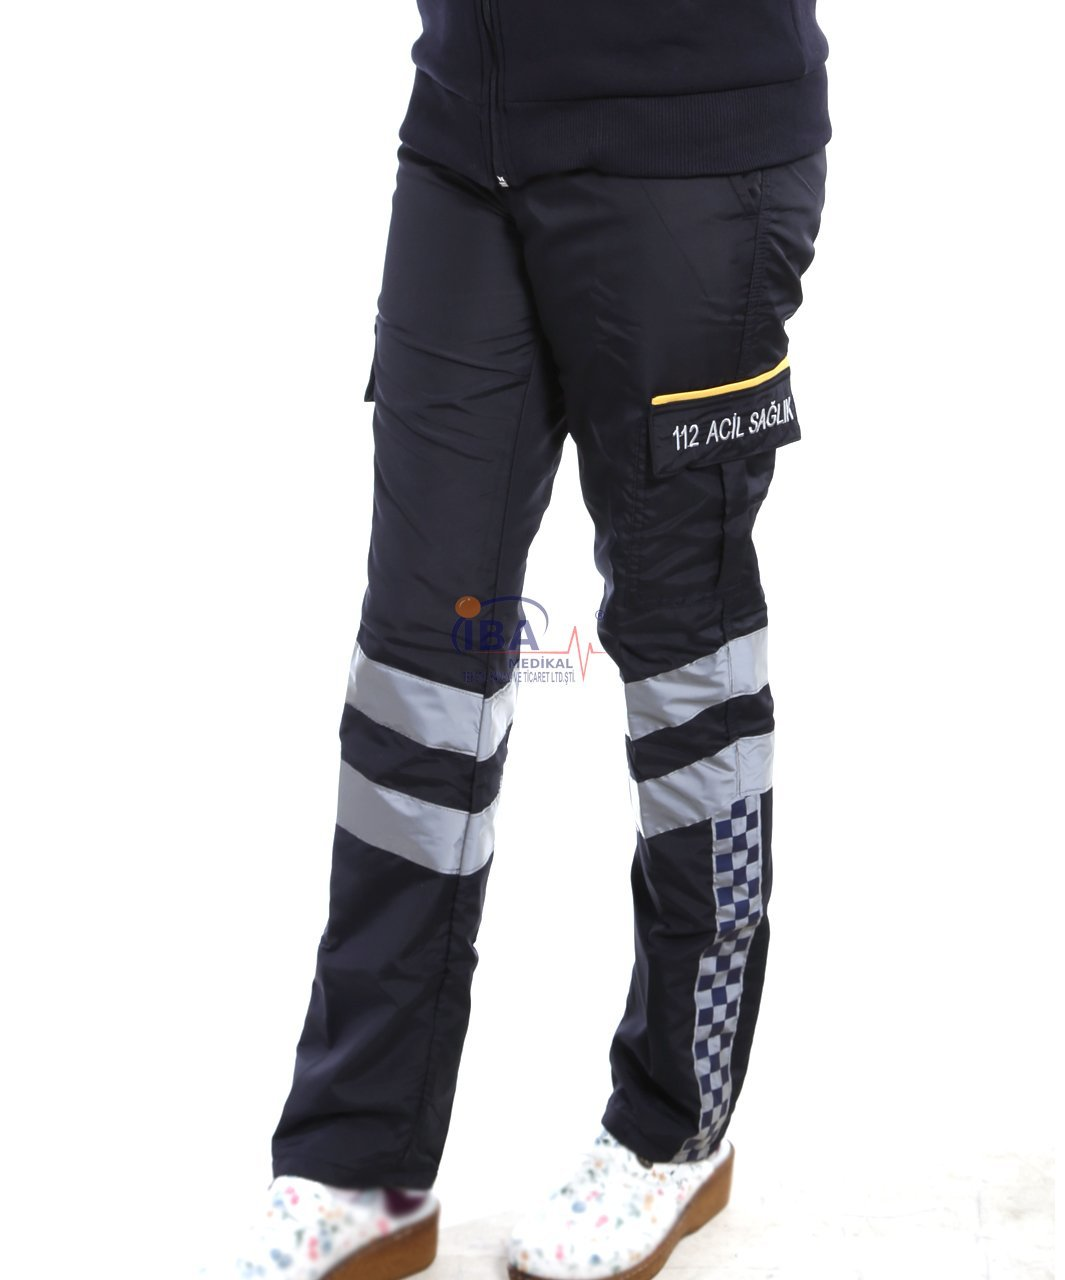 112 Yazlık Paraşüt Pantolon | Pantolon Çeşitleri